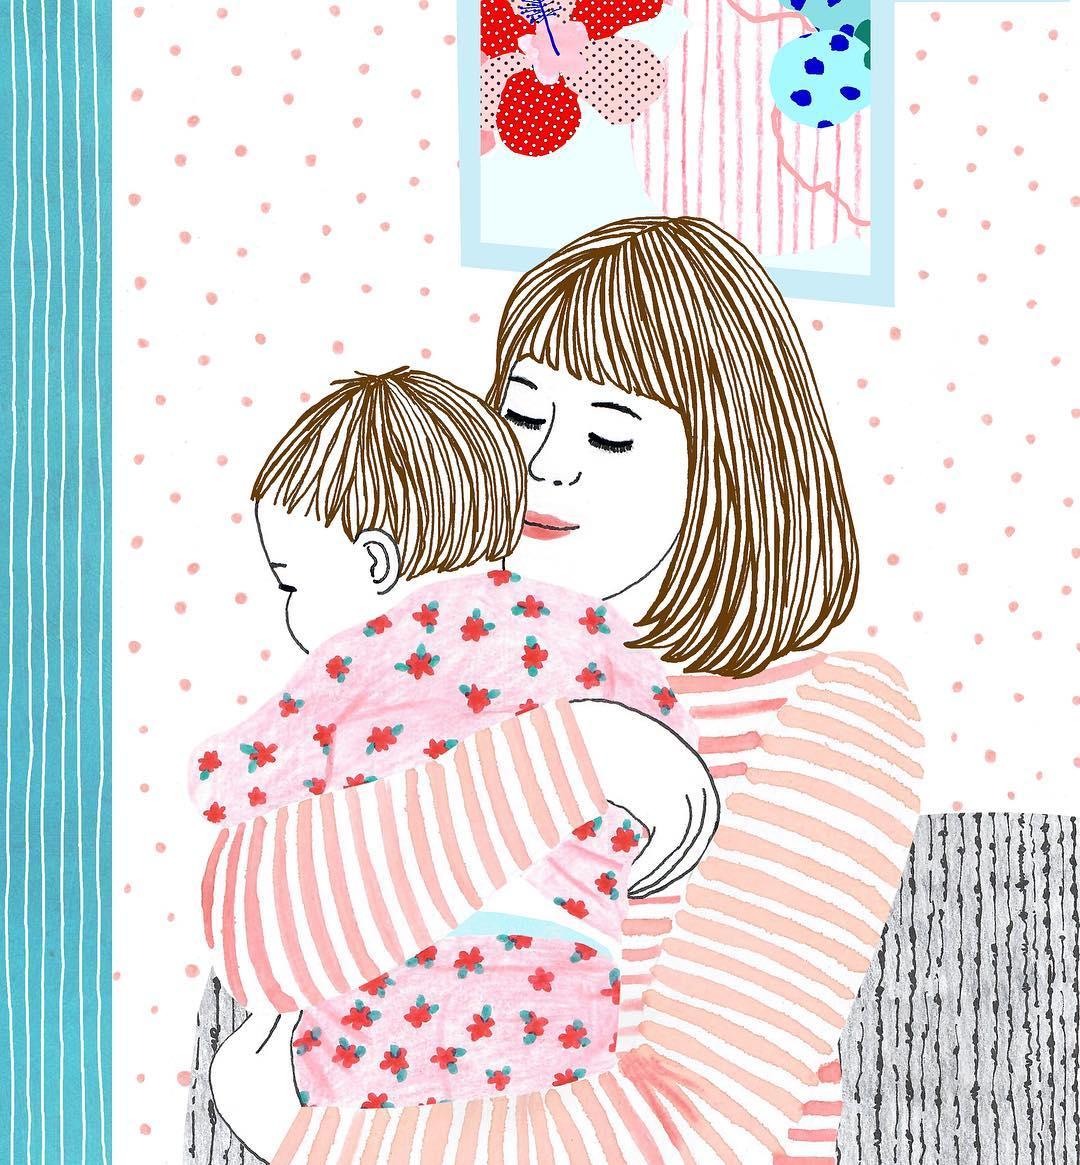 Mães-todas-diferentes-todas-iguais-AtMums